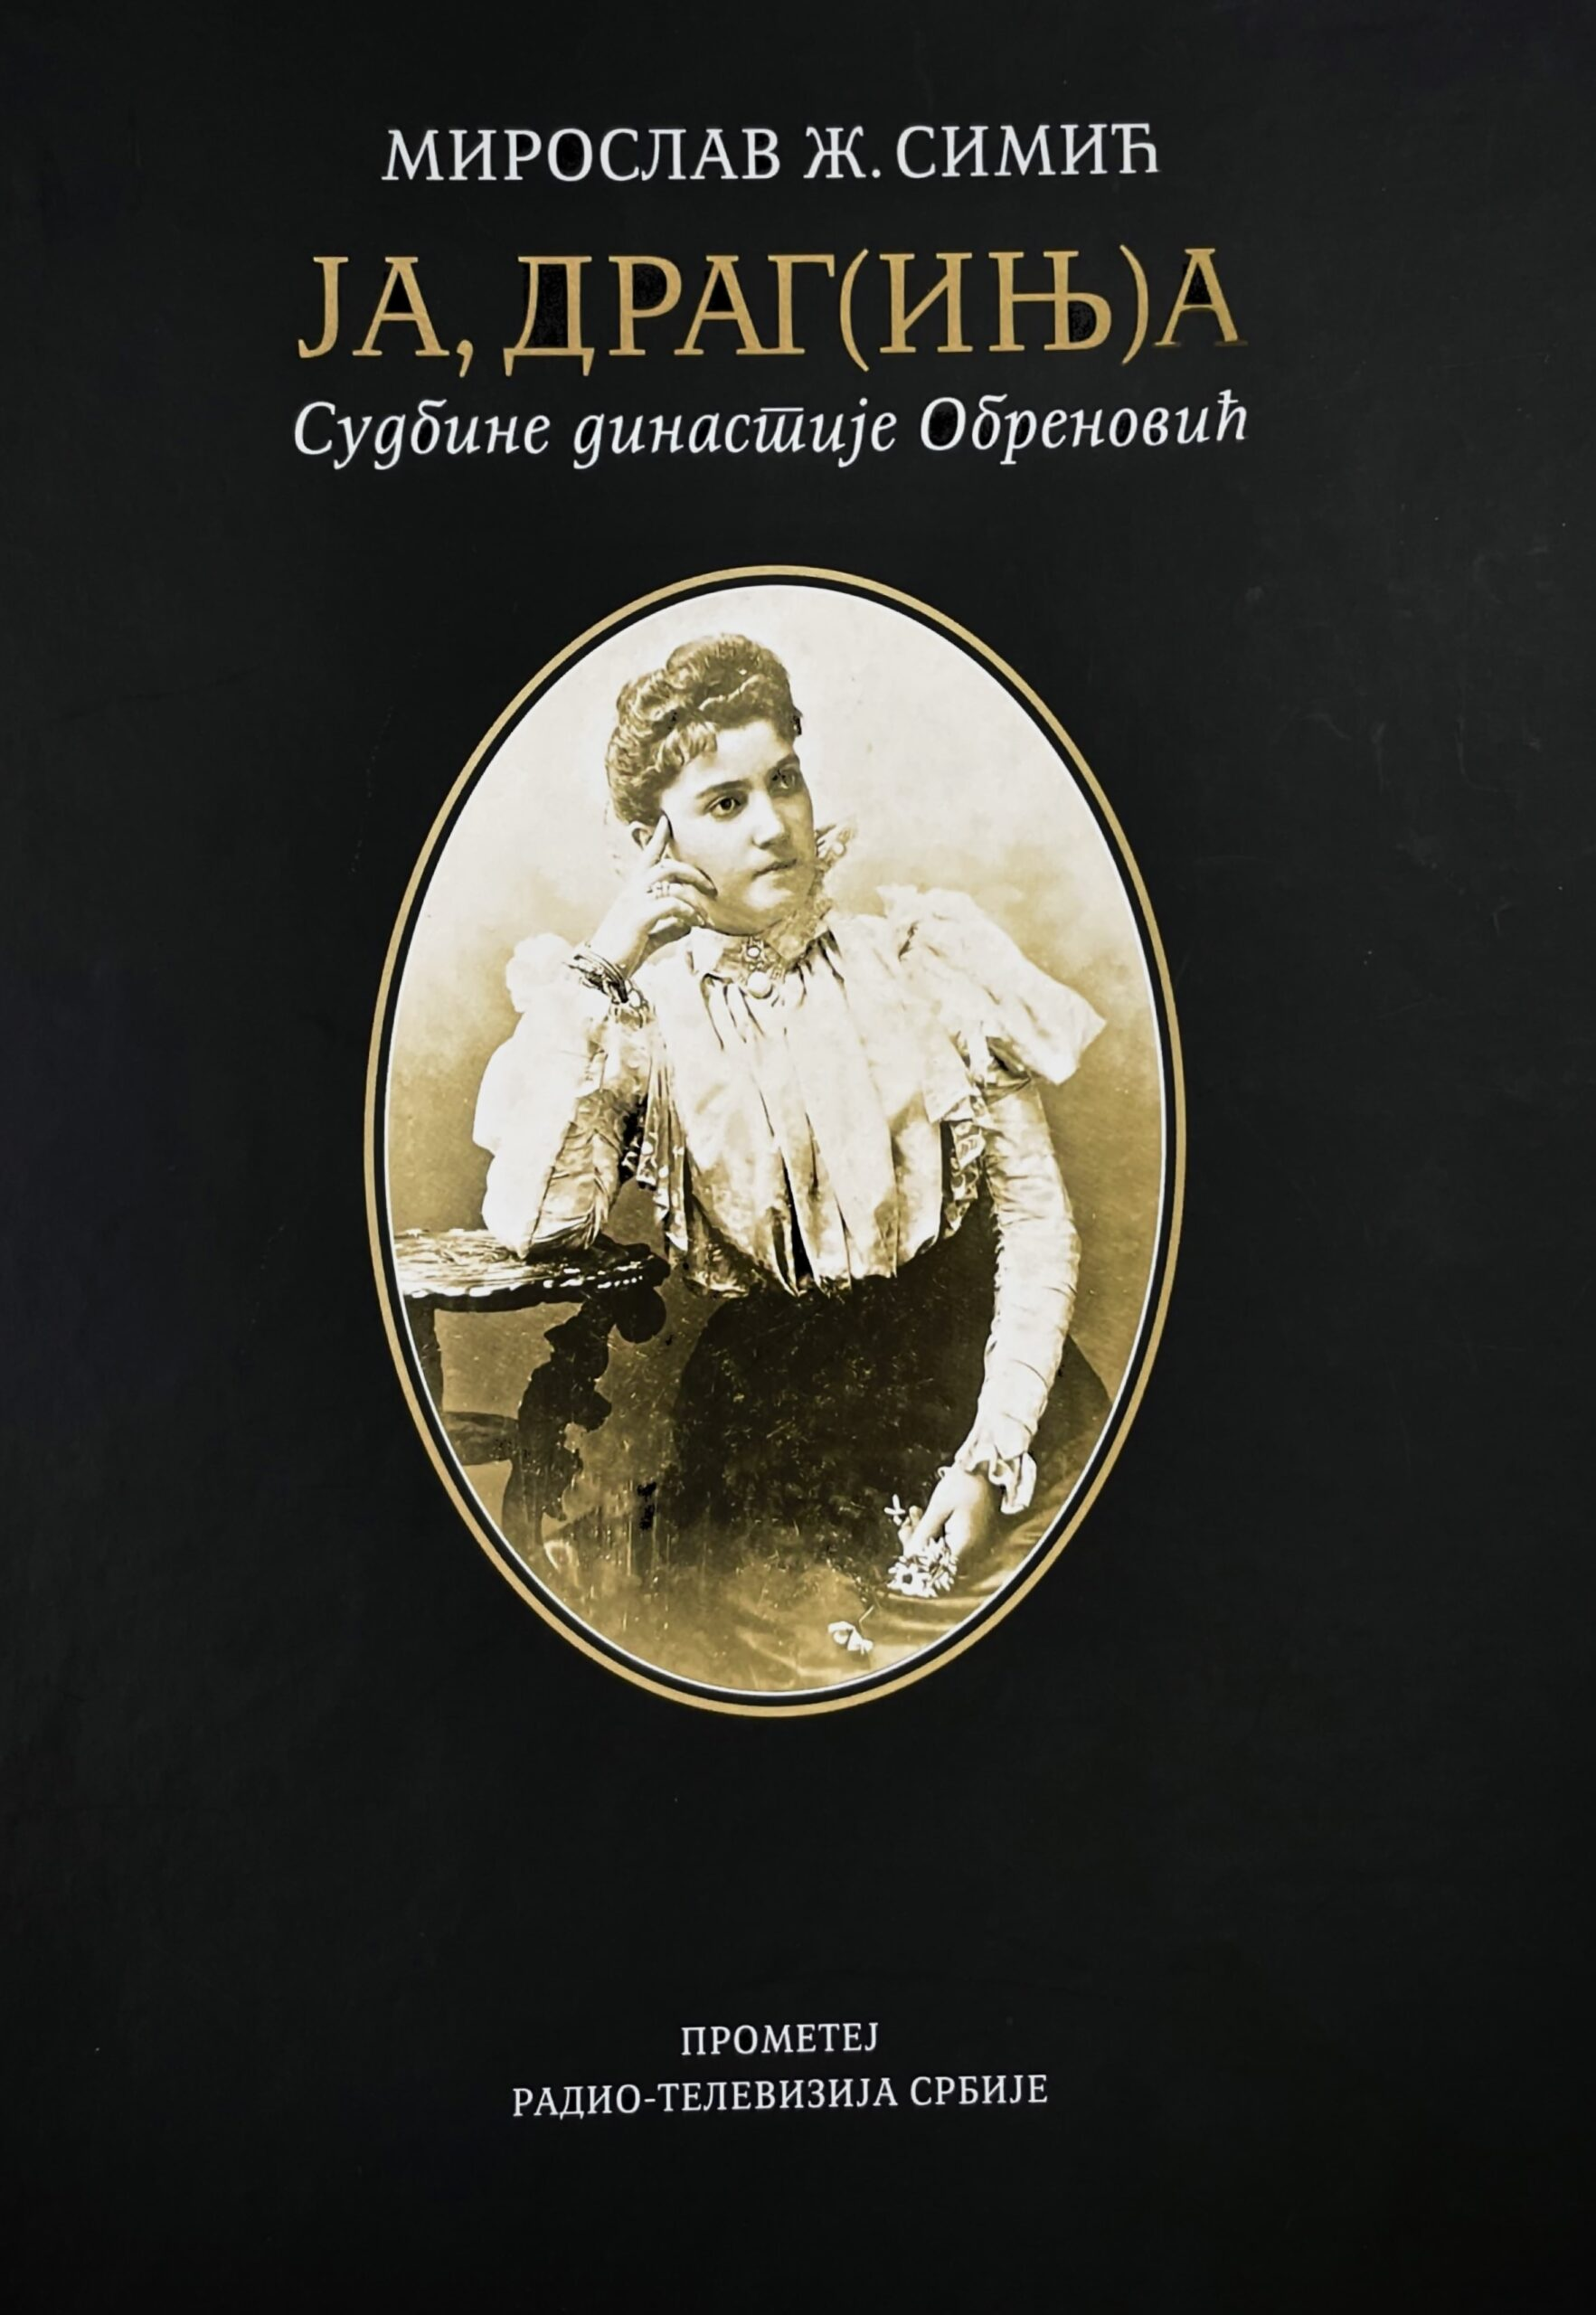 Ја, Драг(ињ)а – Судбине династије Обреновић